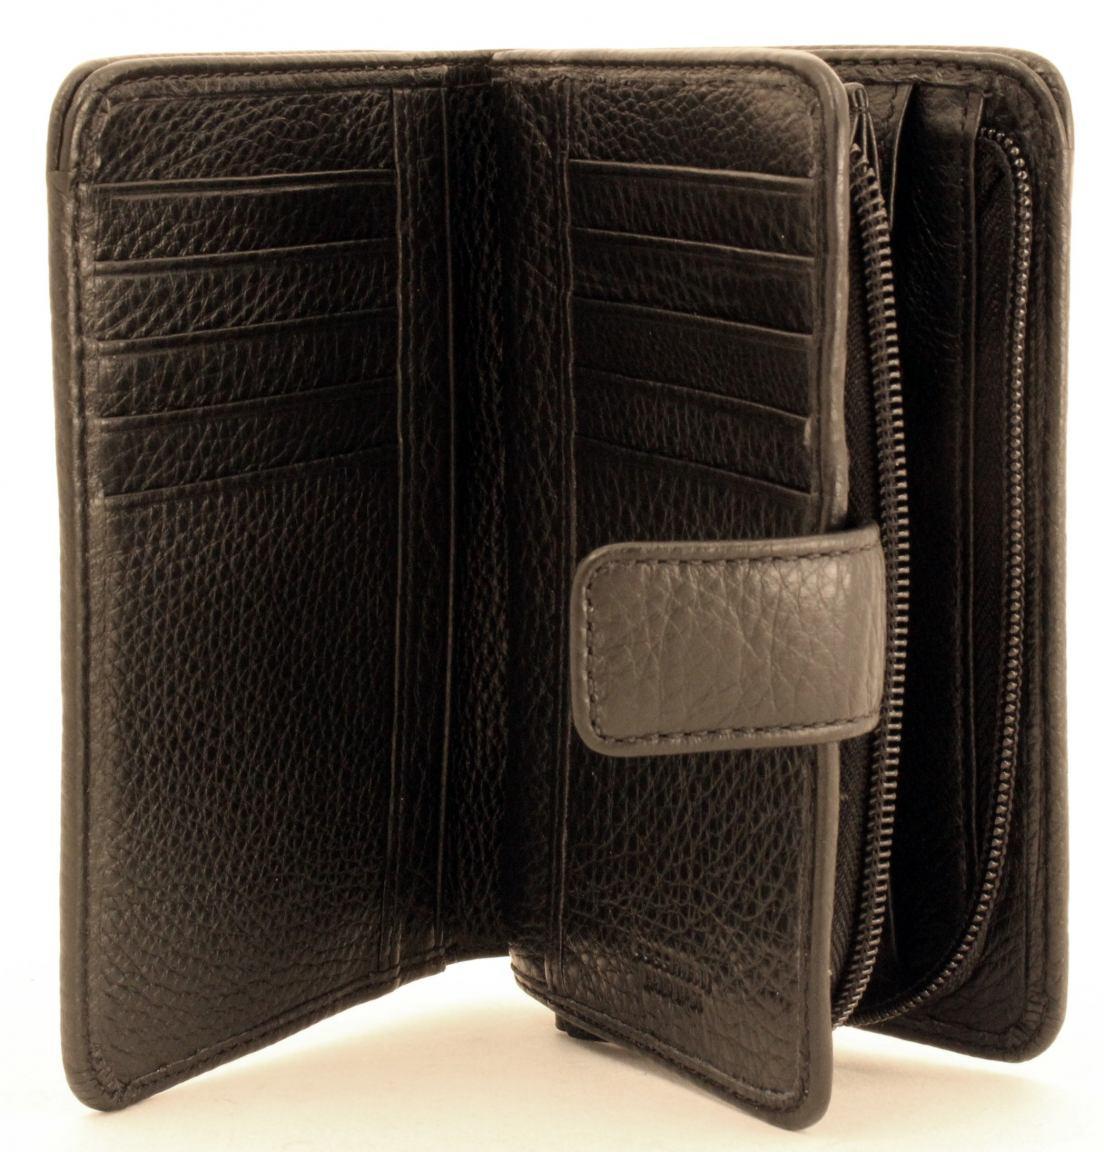 05539f80c5274 Coccinelle Geldbörse Leder Nero Schwarz - Bags   more